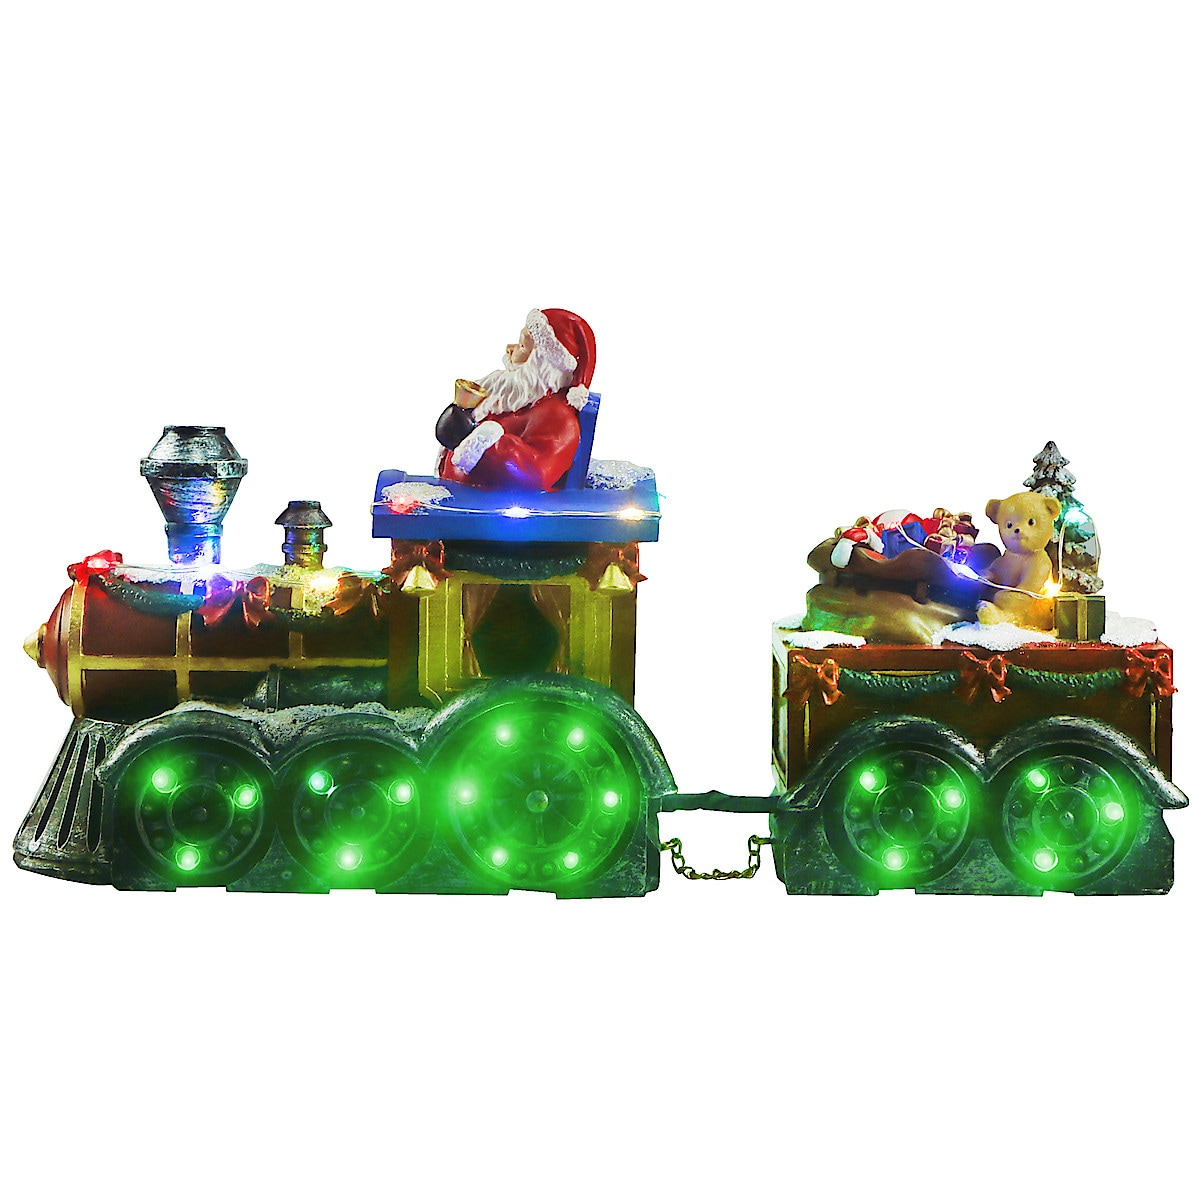 Jultåg med belysning och musik